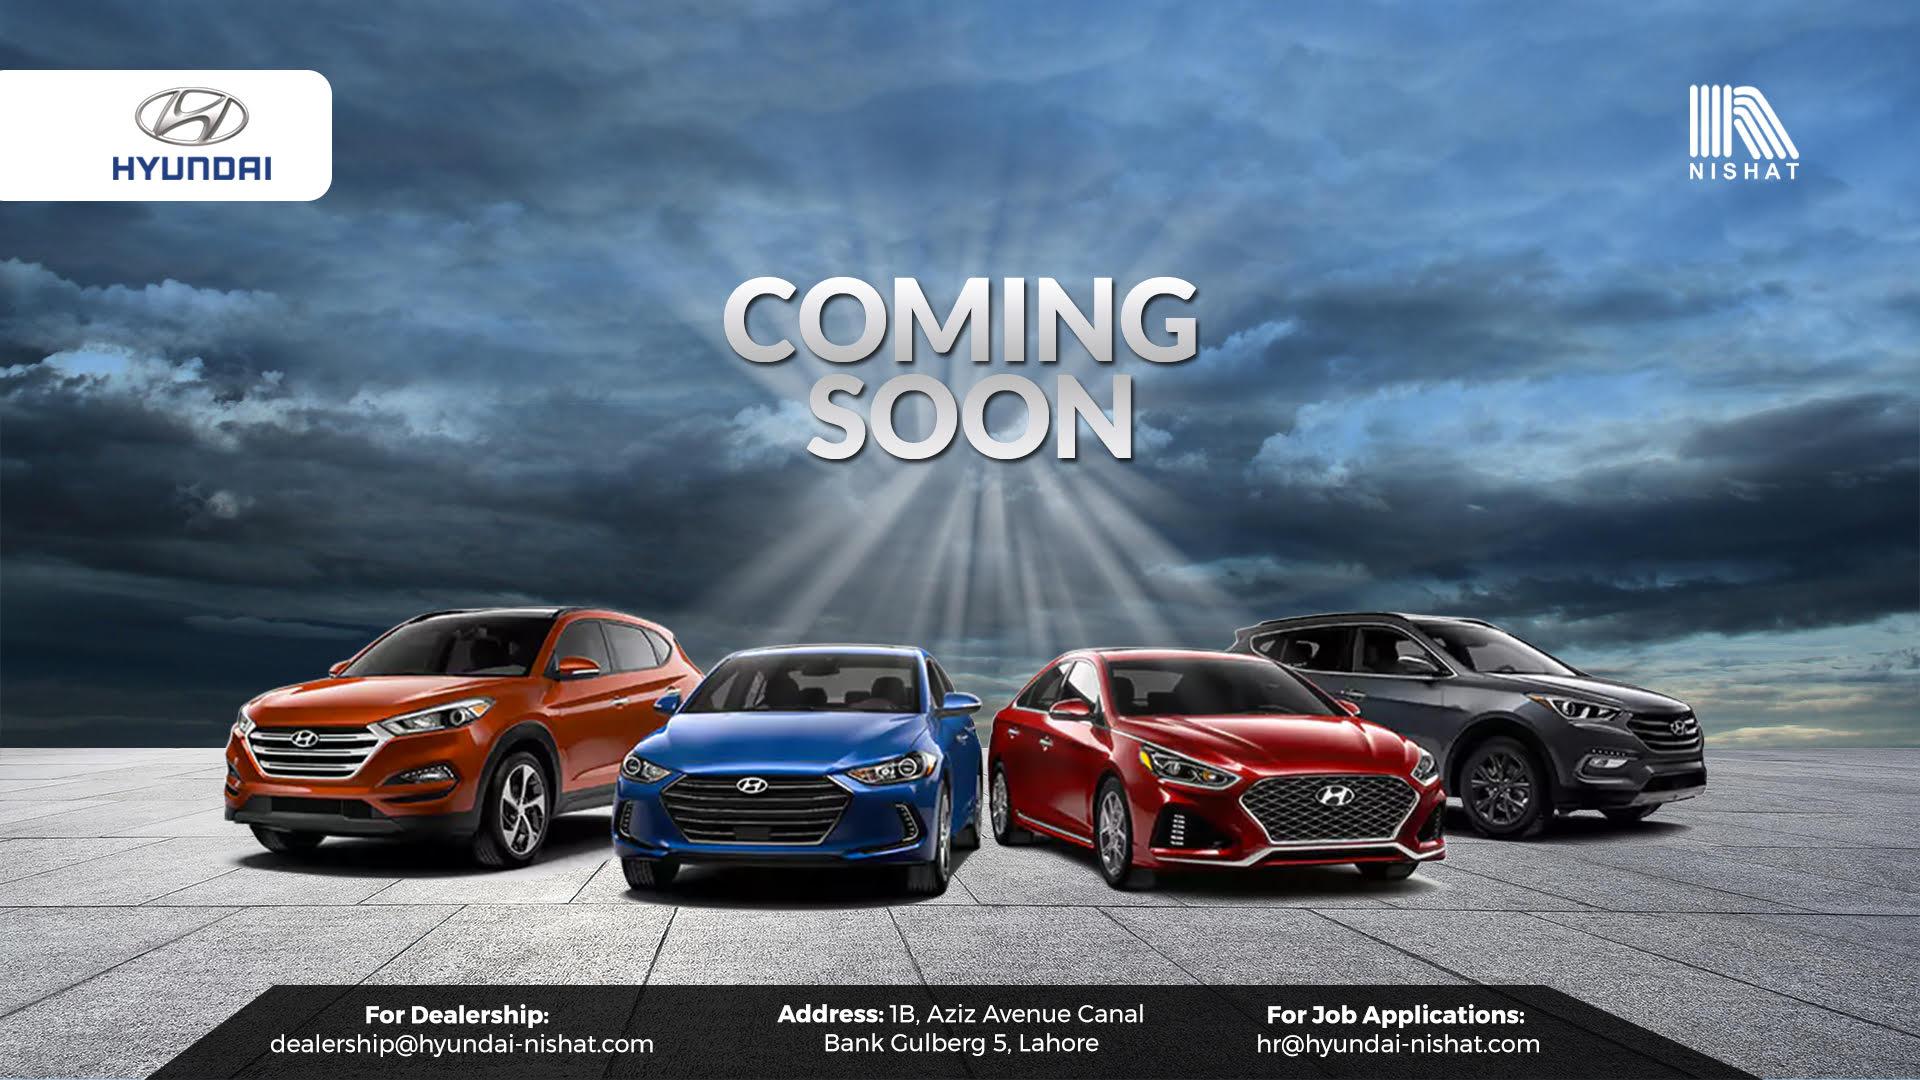 Hyundai-Nishat Website Hints a Range of Upcoming Vehicles 1